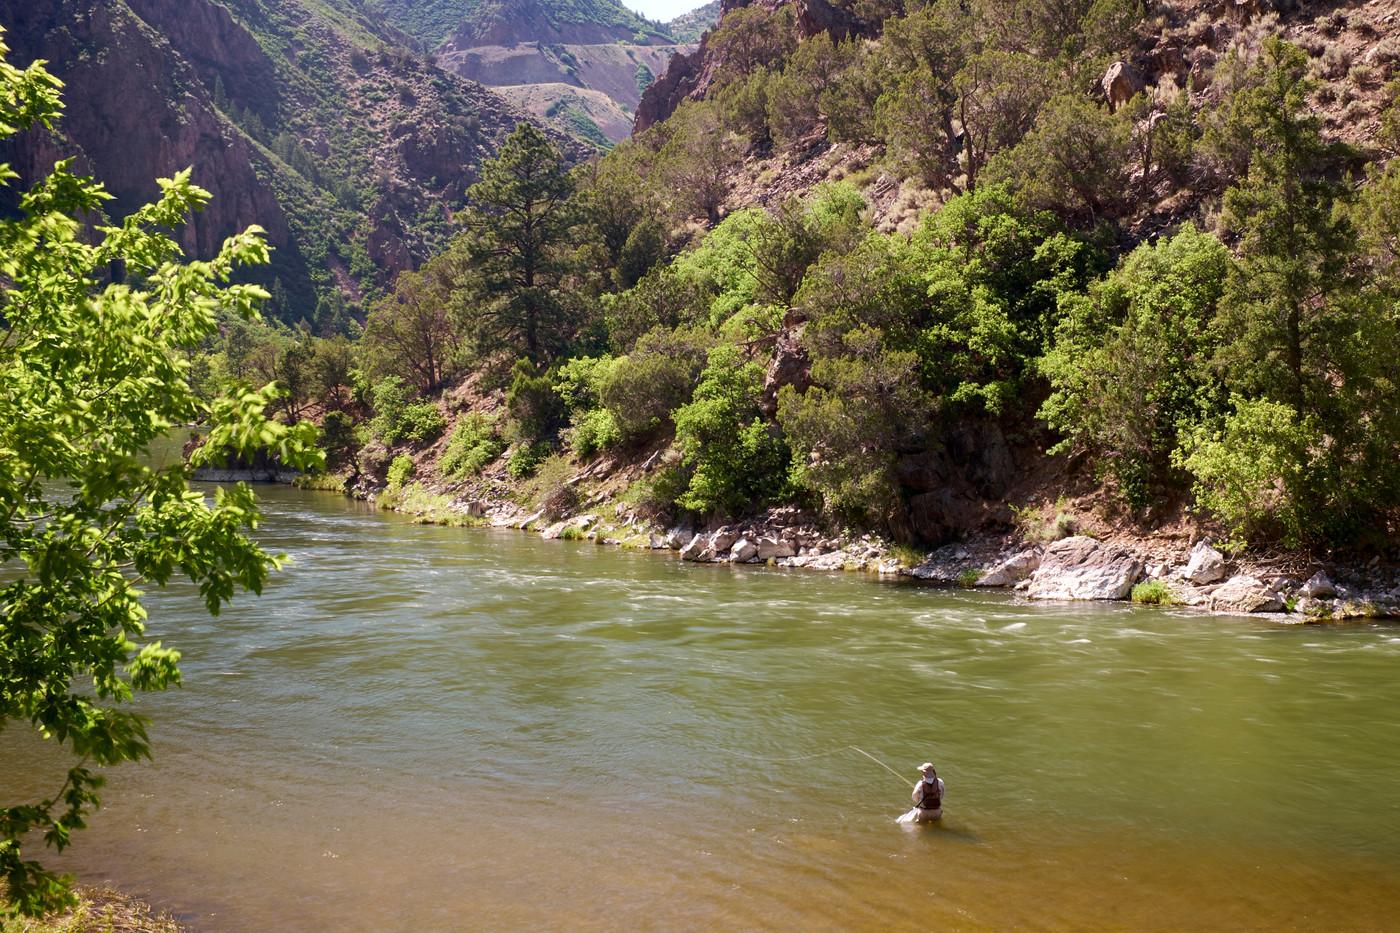 Gunnison River, Gunnison River